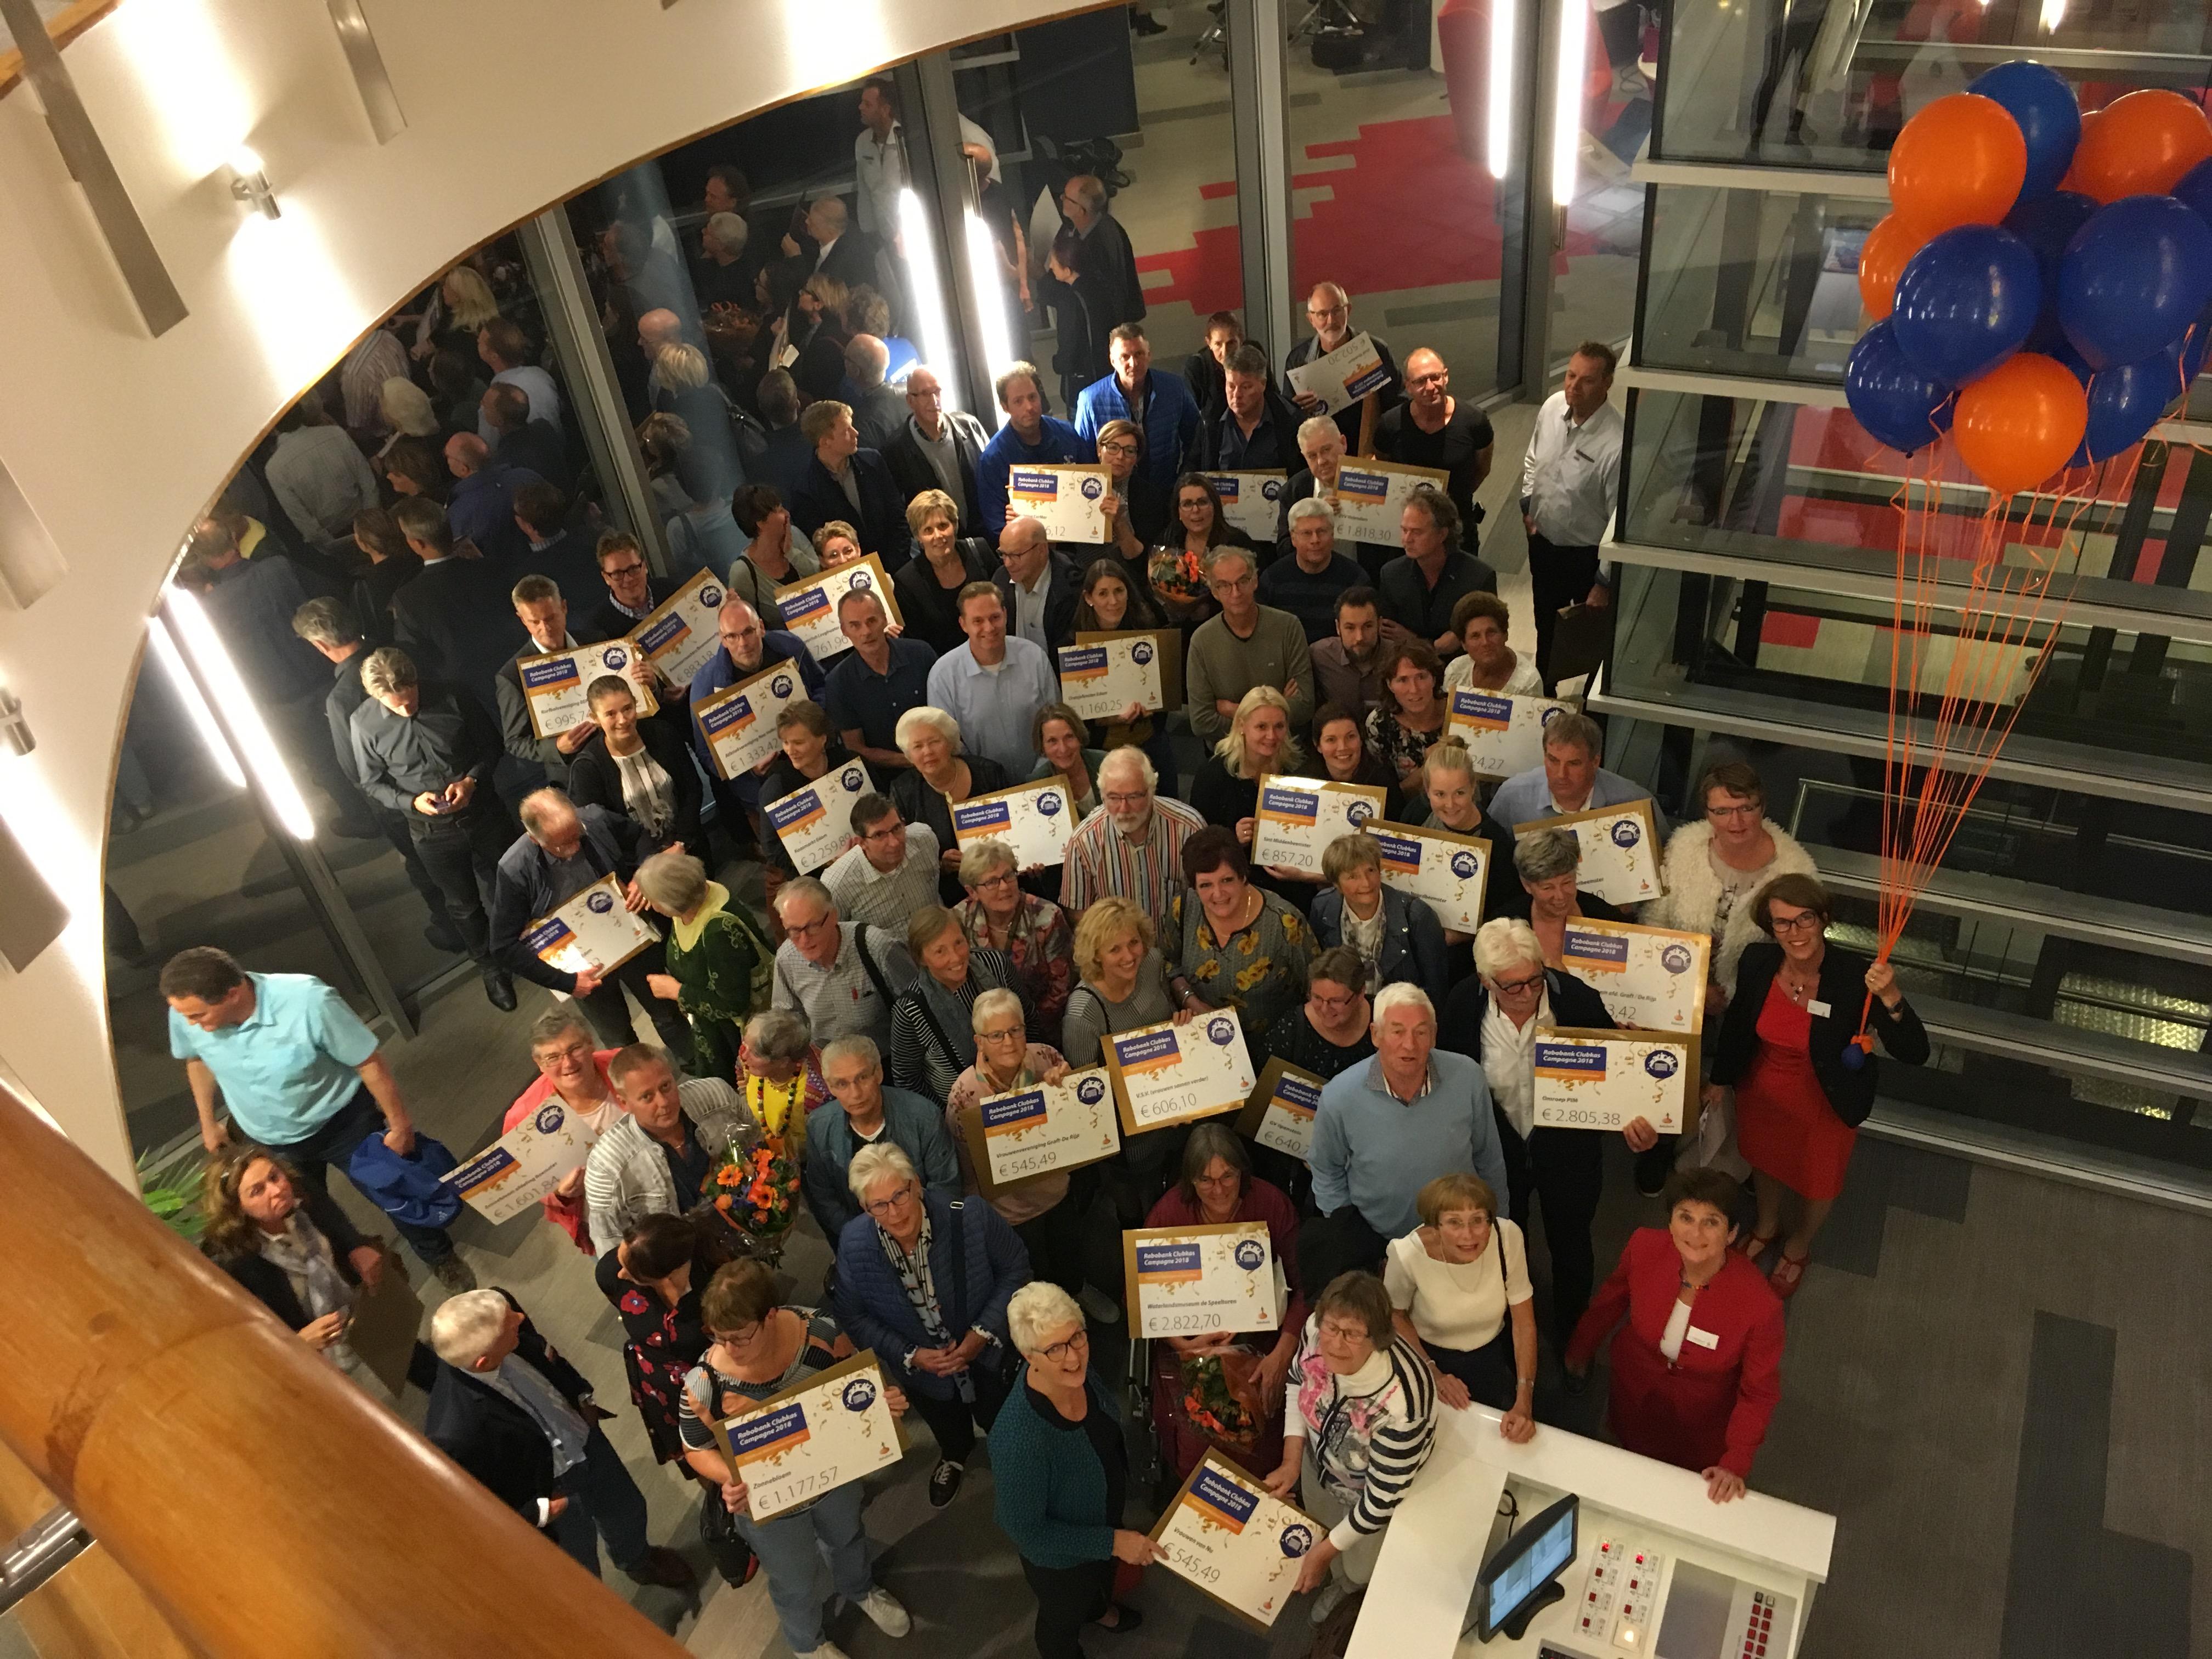 De grootste winnaars van de avond werden stichting CarMar (midden), RKAV Volendam (links) en museum De Speeltoren. (Foto: Evert Ruis) rodi.nl © rodi